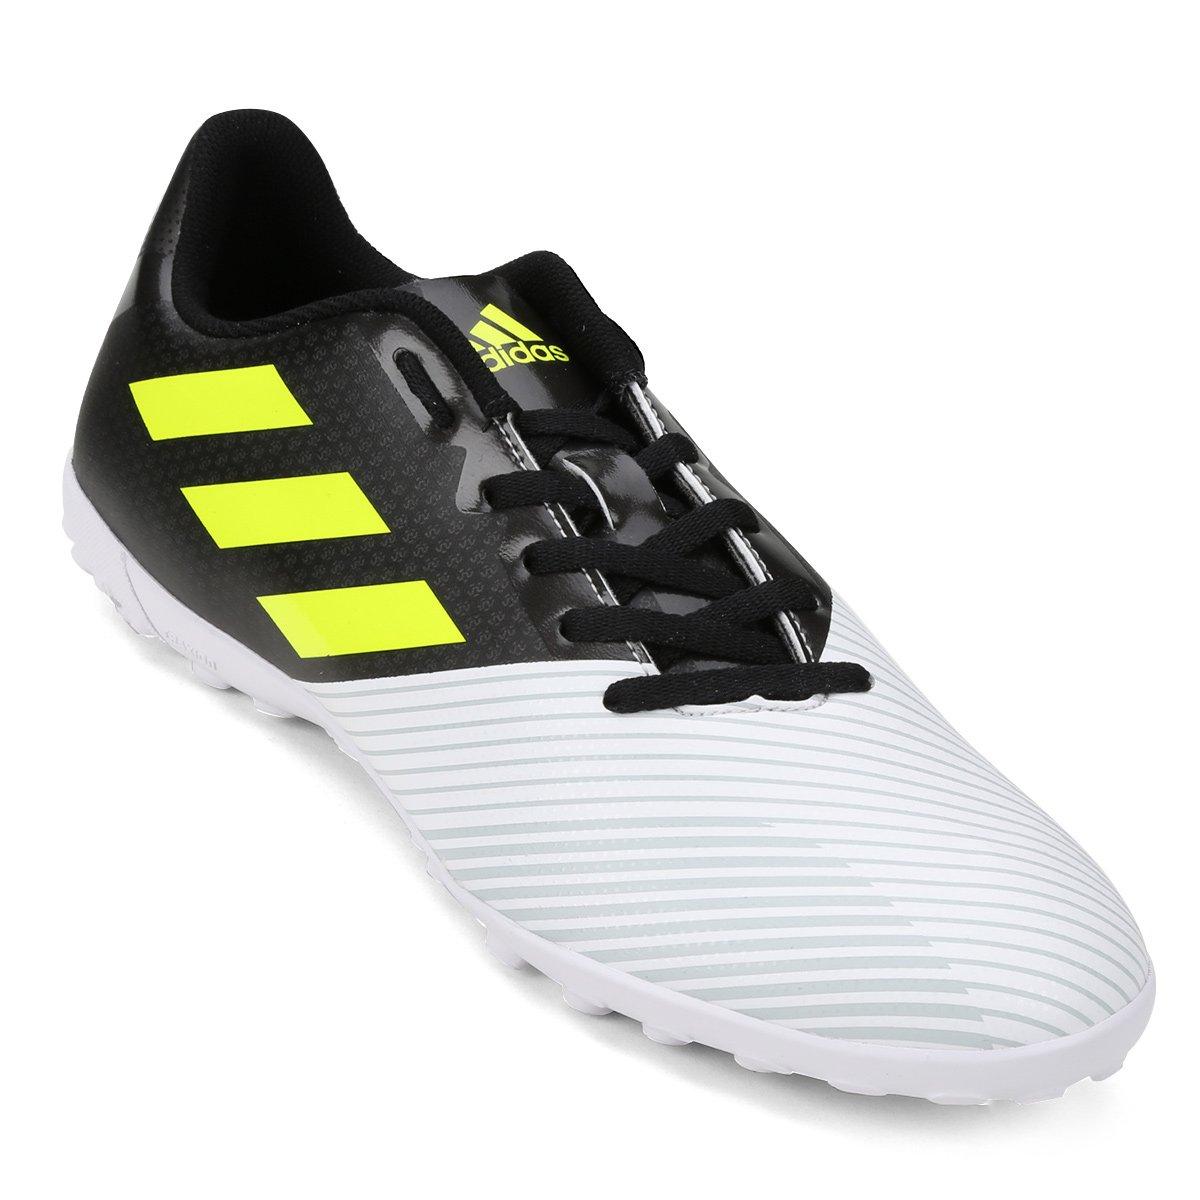 Chuteira Society Adidas Artilheira 17 TF - Preto - Compre Agora ... 7d865c640240a